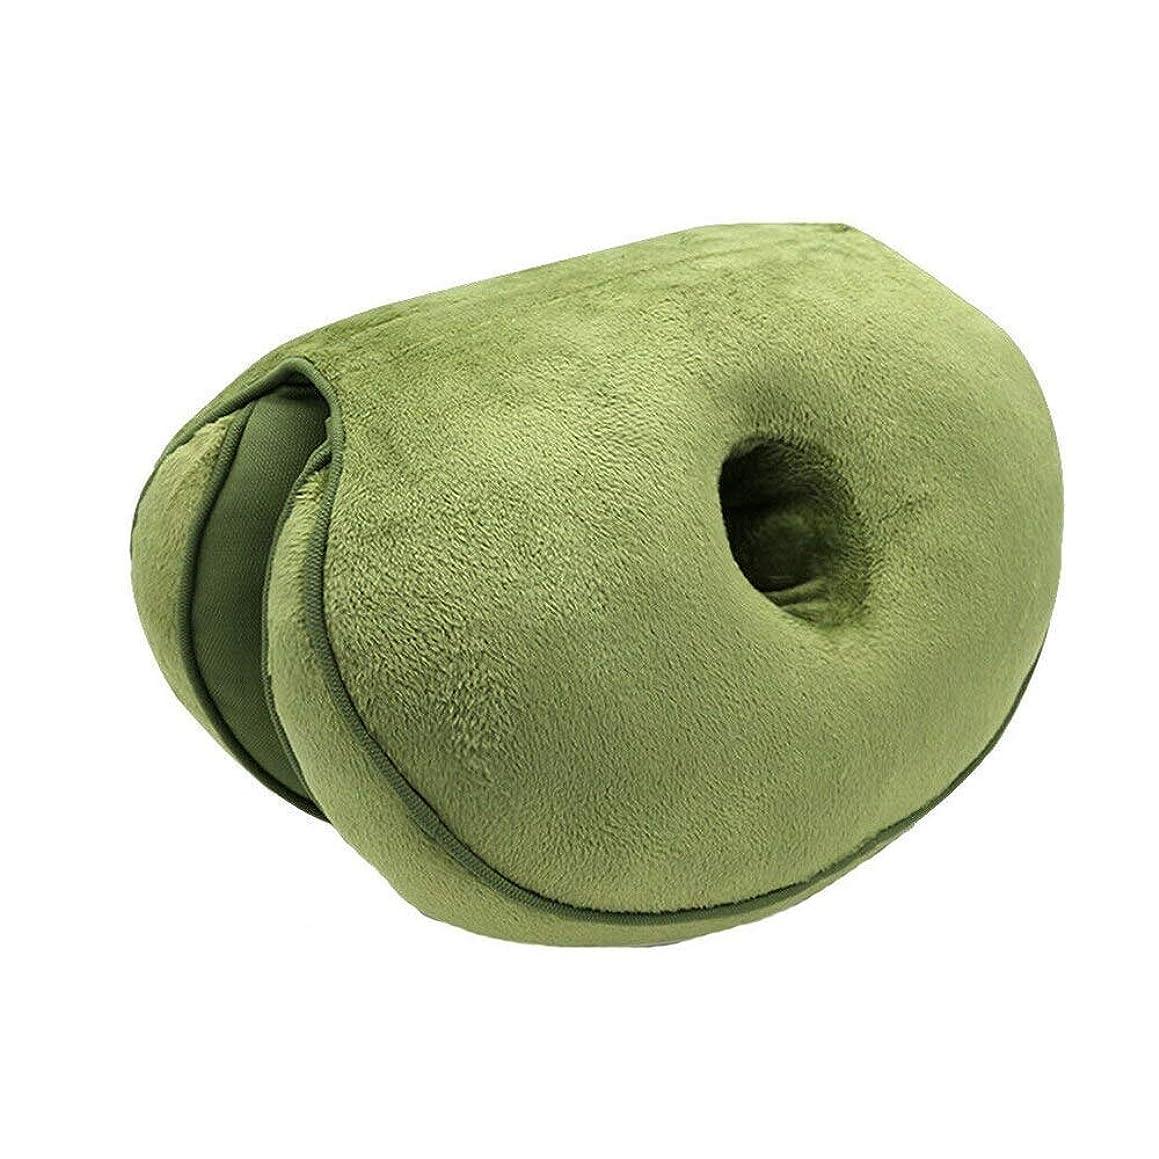 発症部門スタジオLIFE 新デュアルシートクッション低反発ラテックスオフィスチェアバックシートクッション快適な臀部マットパッド枕旅行枕女性女の子 クッション 椅子